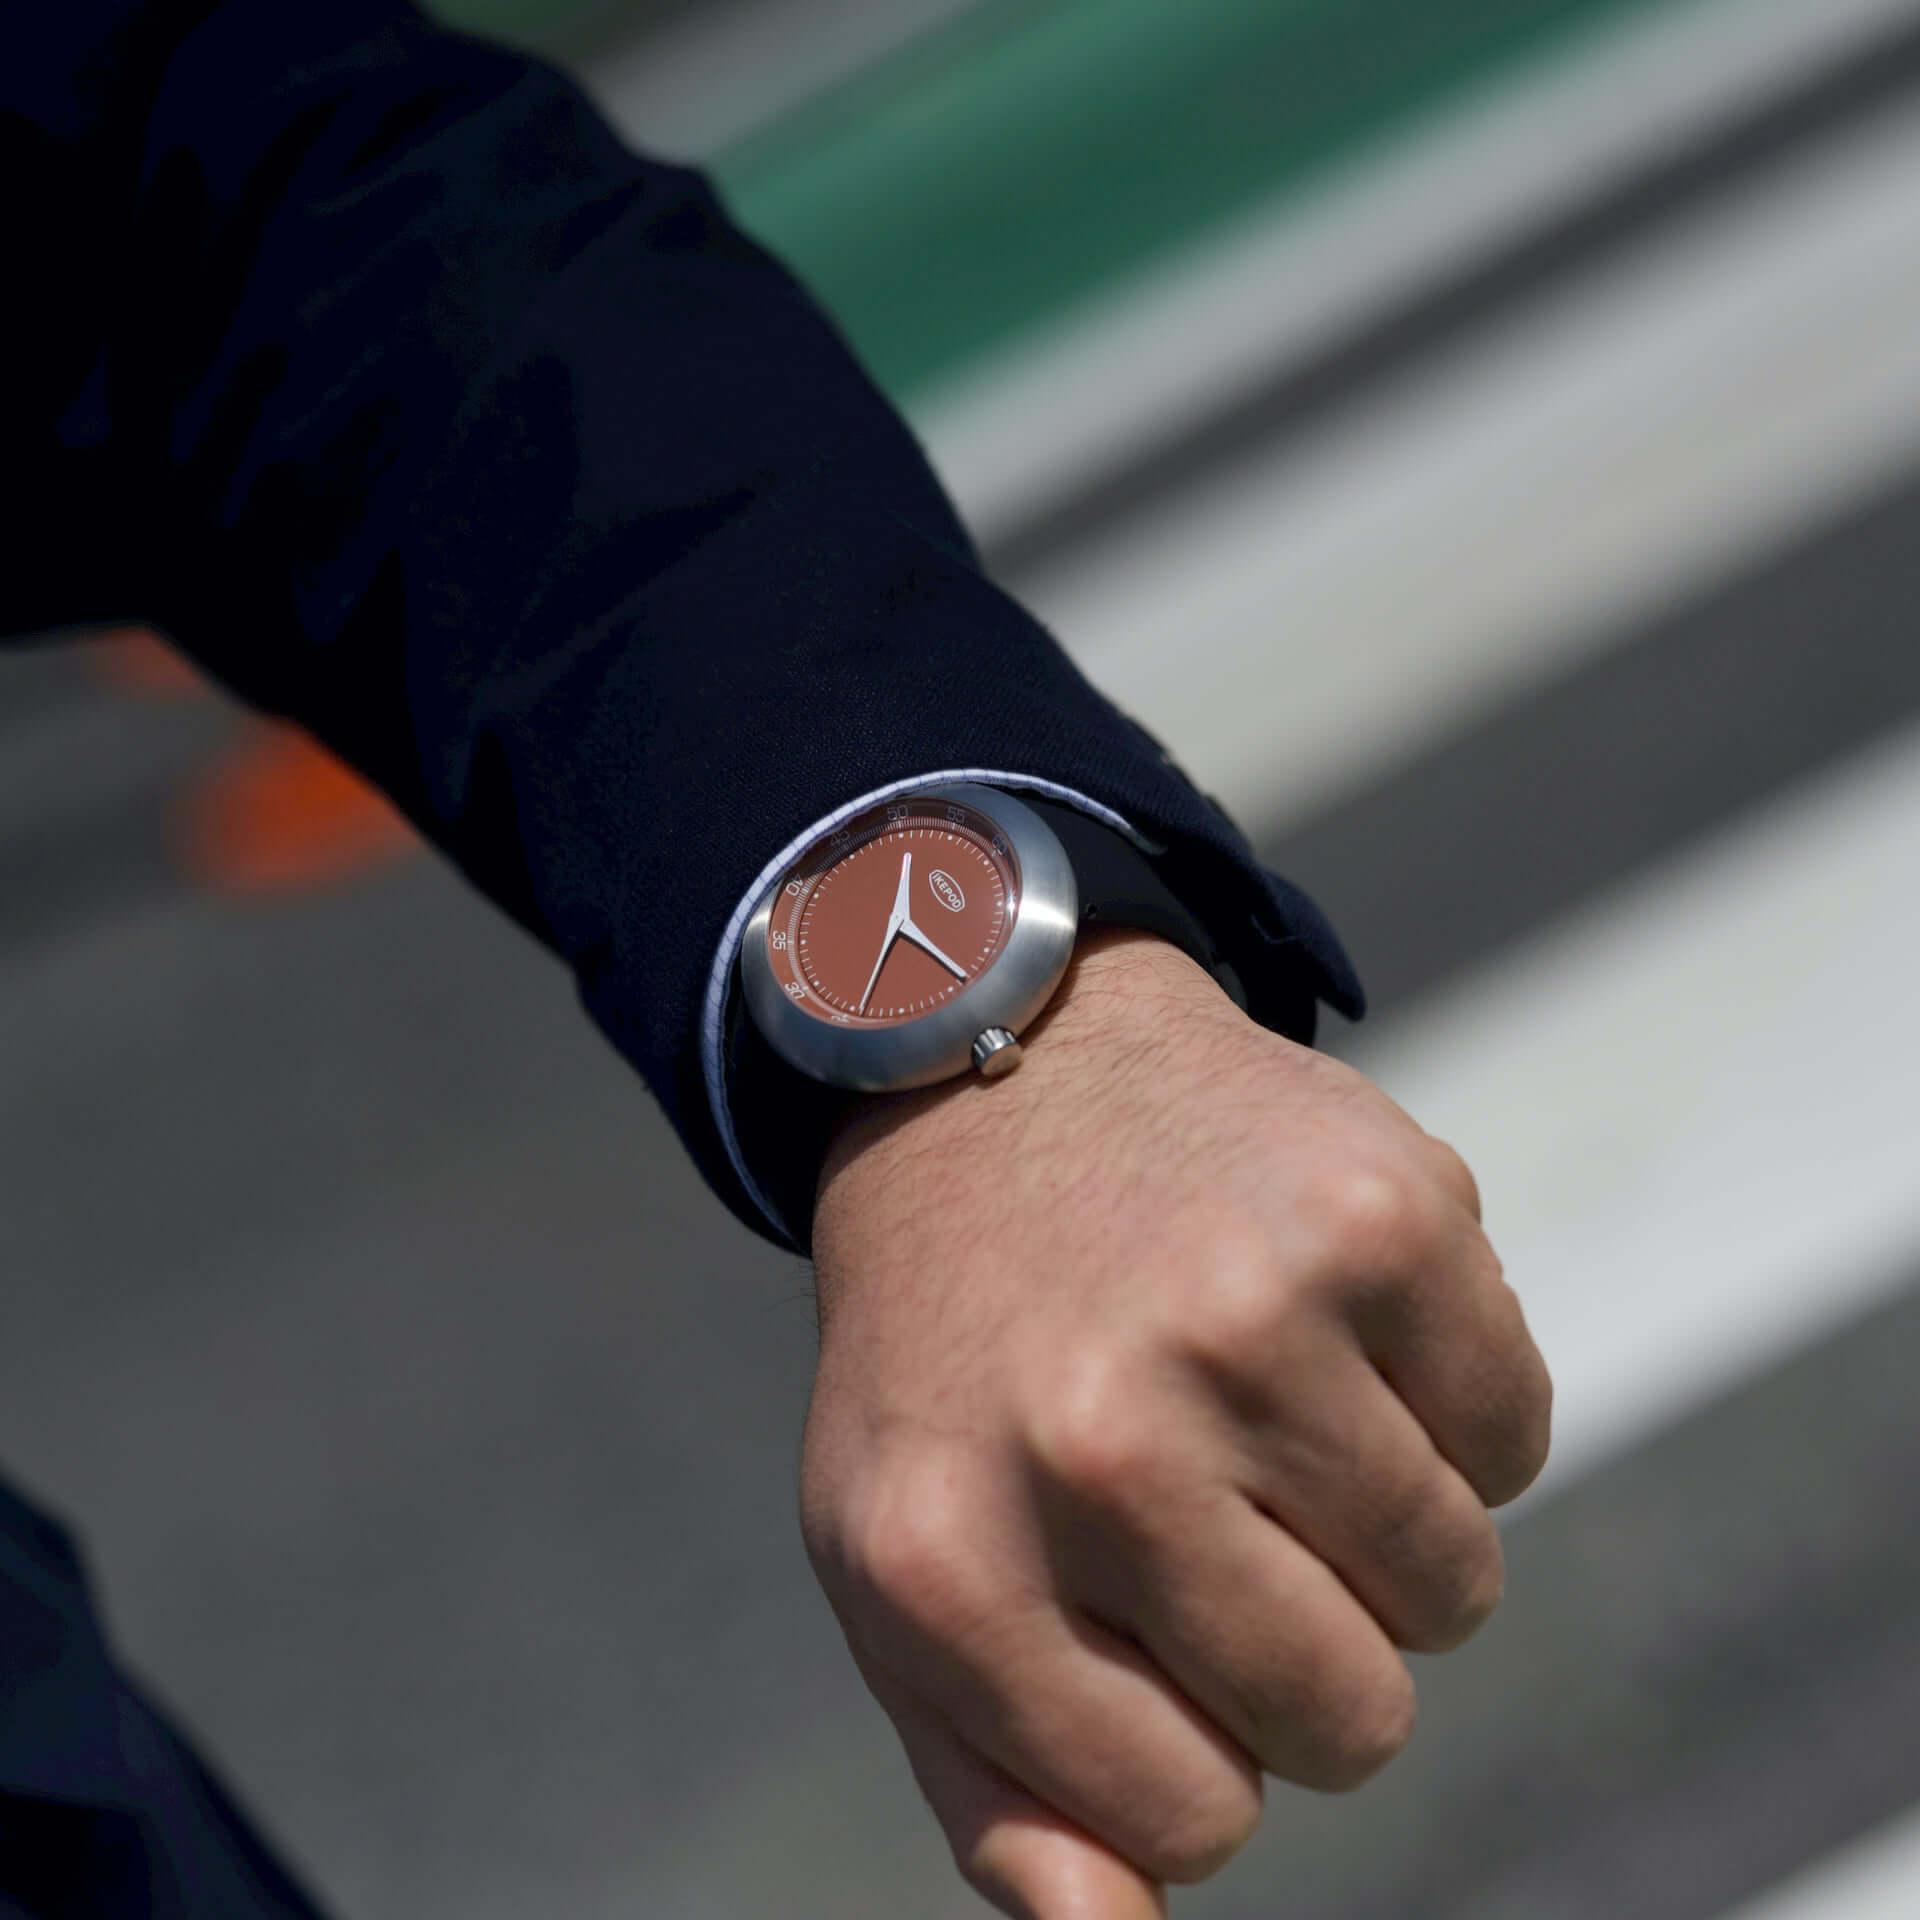 世界で50本のみ!スイス時計ブランド・IKEPODの新コレクション「Megapod」から、復活後初の限定モデルが発売決定 life200610_ikepod_megapod_4-1920x1920